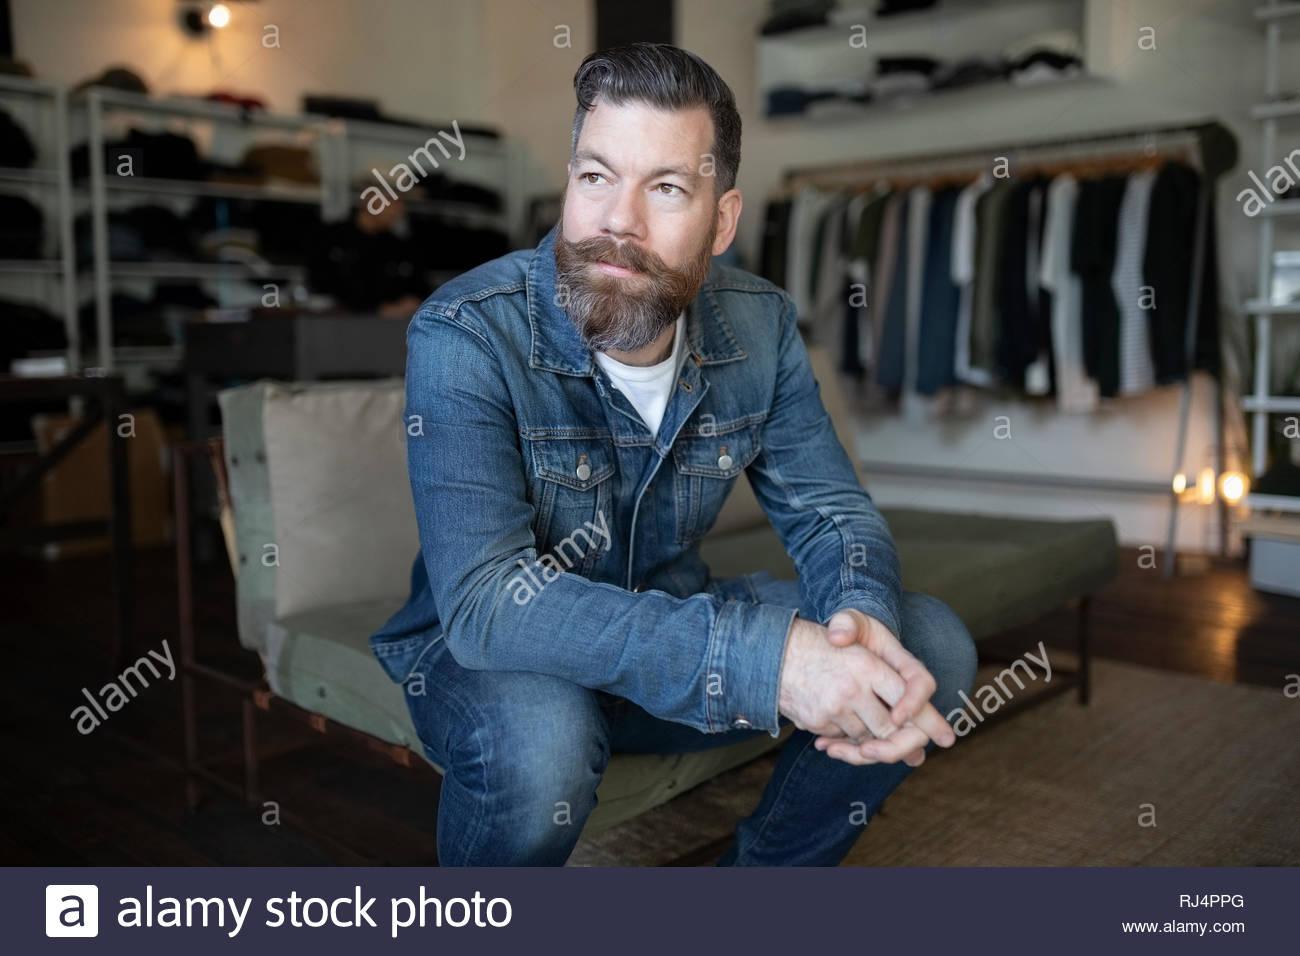 Macho confiado dueño de negocios sentada en ropa tienda de ropa Imagen De Stock